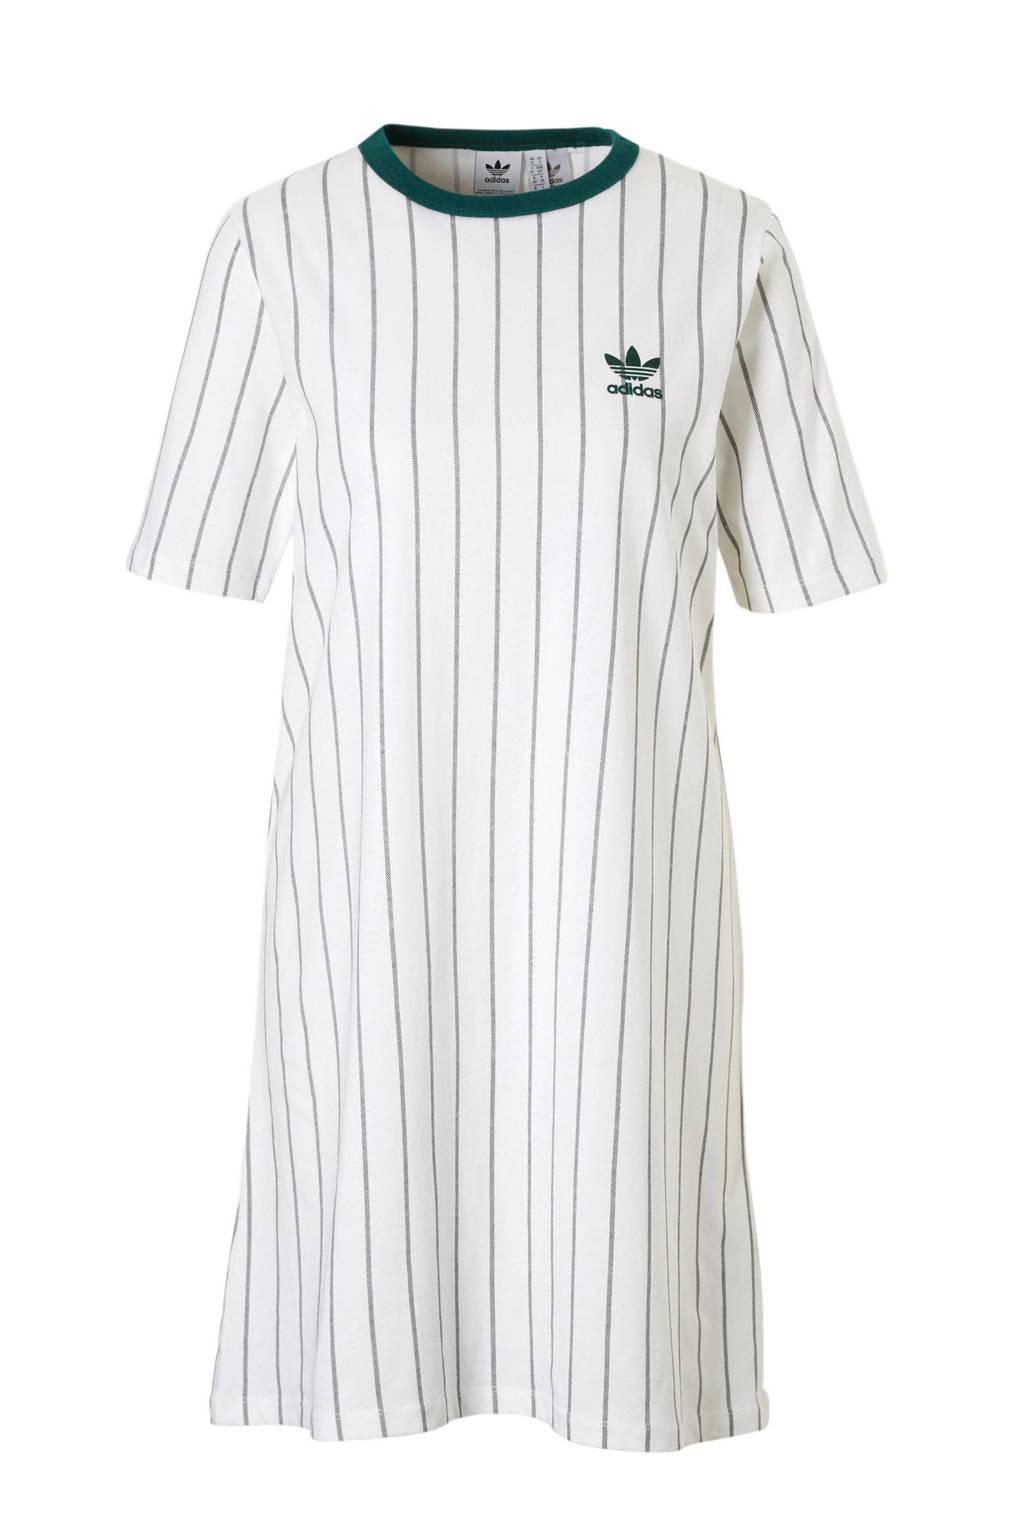 adidas originals T-shirt jurk wit/groen, Wit/groen